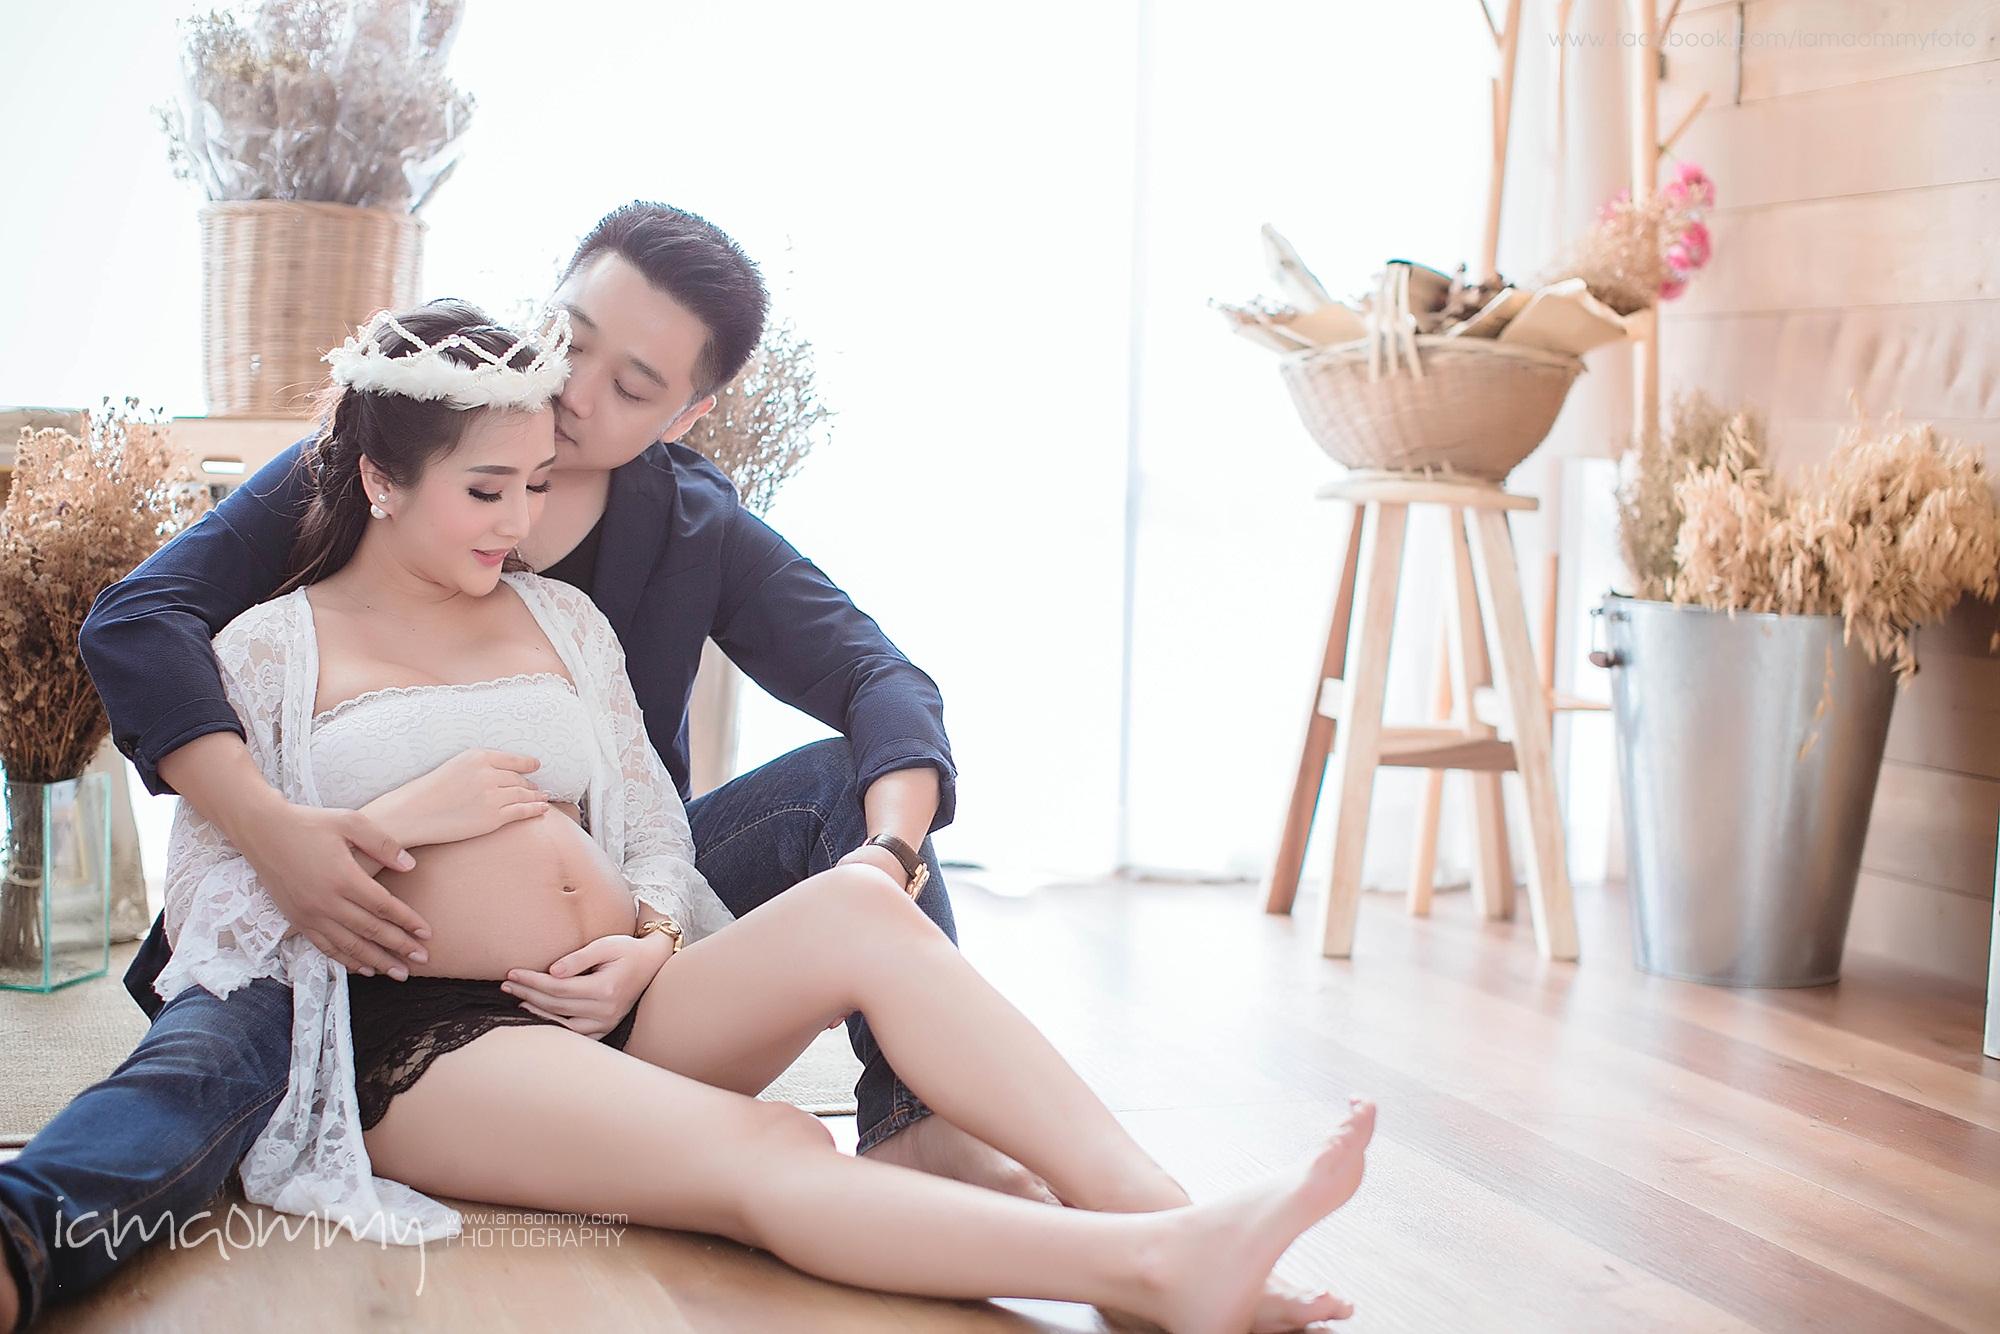 ถ่ายรูปคุณแม่ตั้งครรภ์_Namfon_030